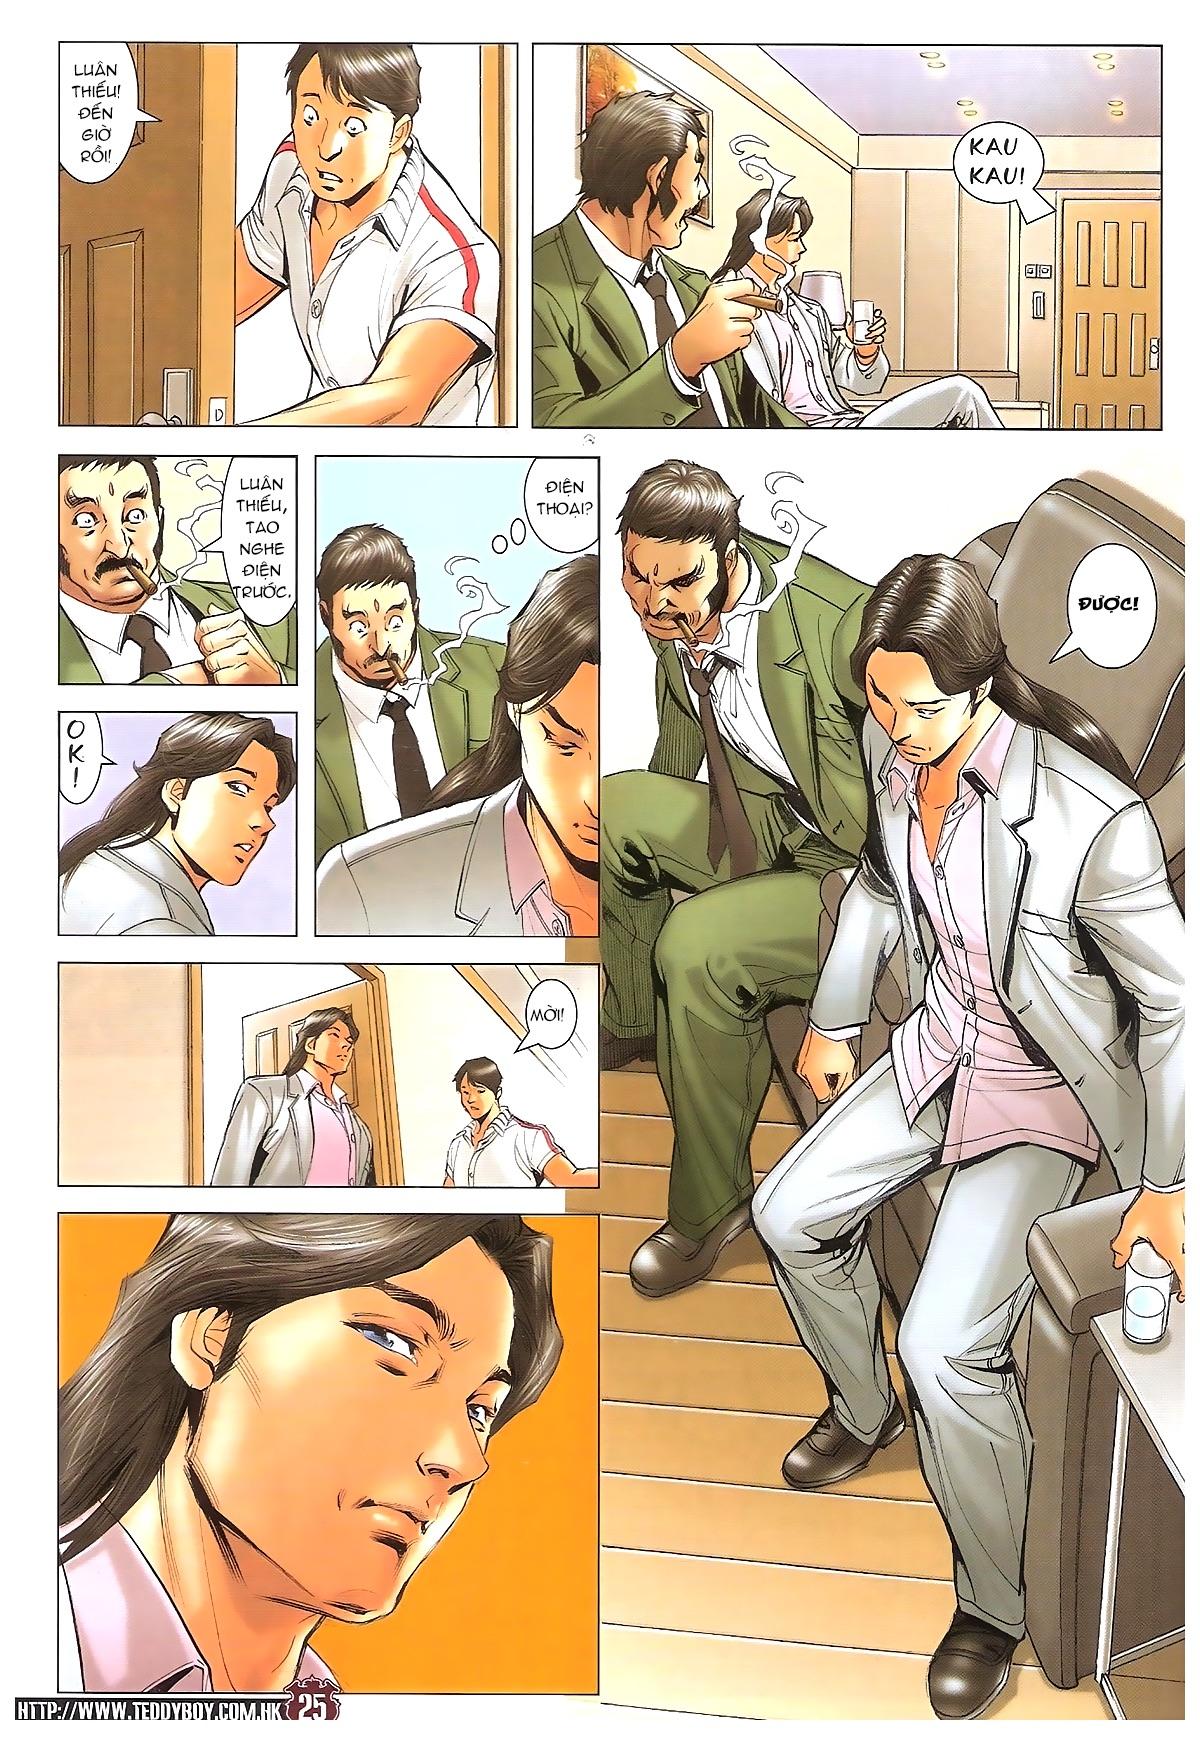 Người Trong Giang Hồ - Ngũ Hổ qui thiên - Chapter 1717: Đàm phán siêu cấp 3 - Pic 24